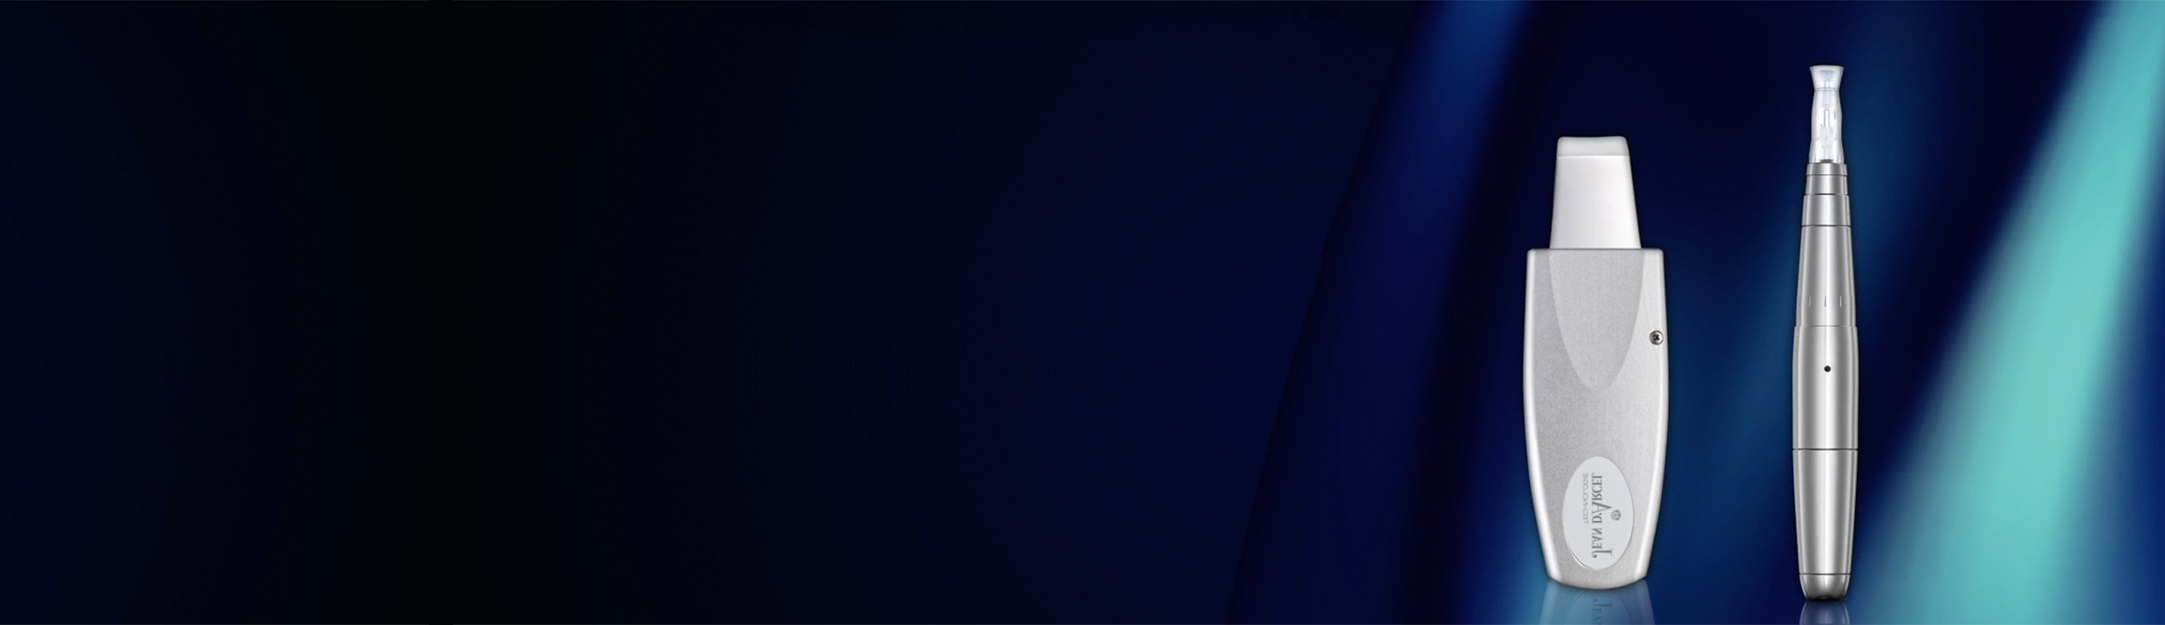 multineedling-banner.jpg